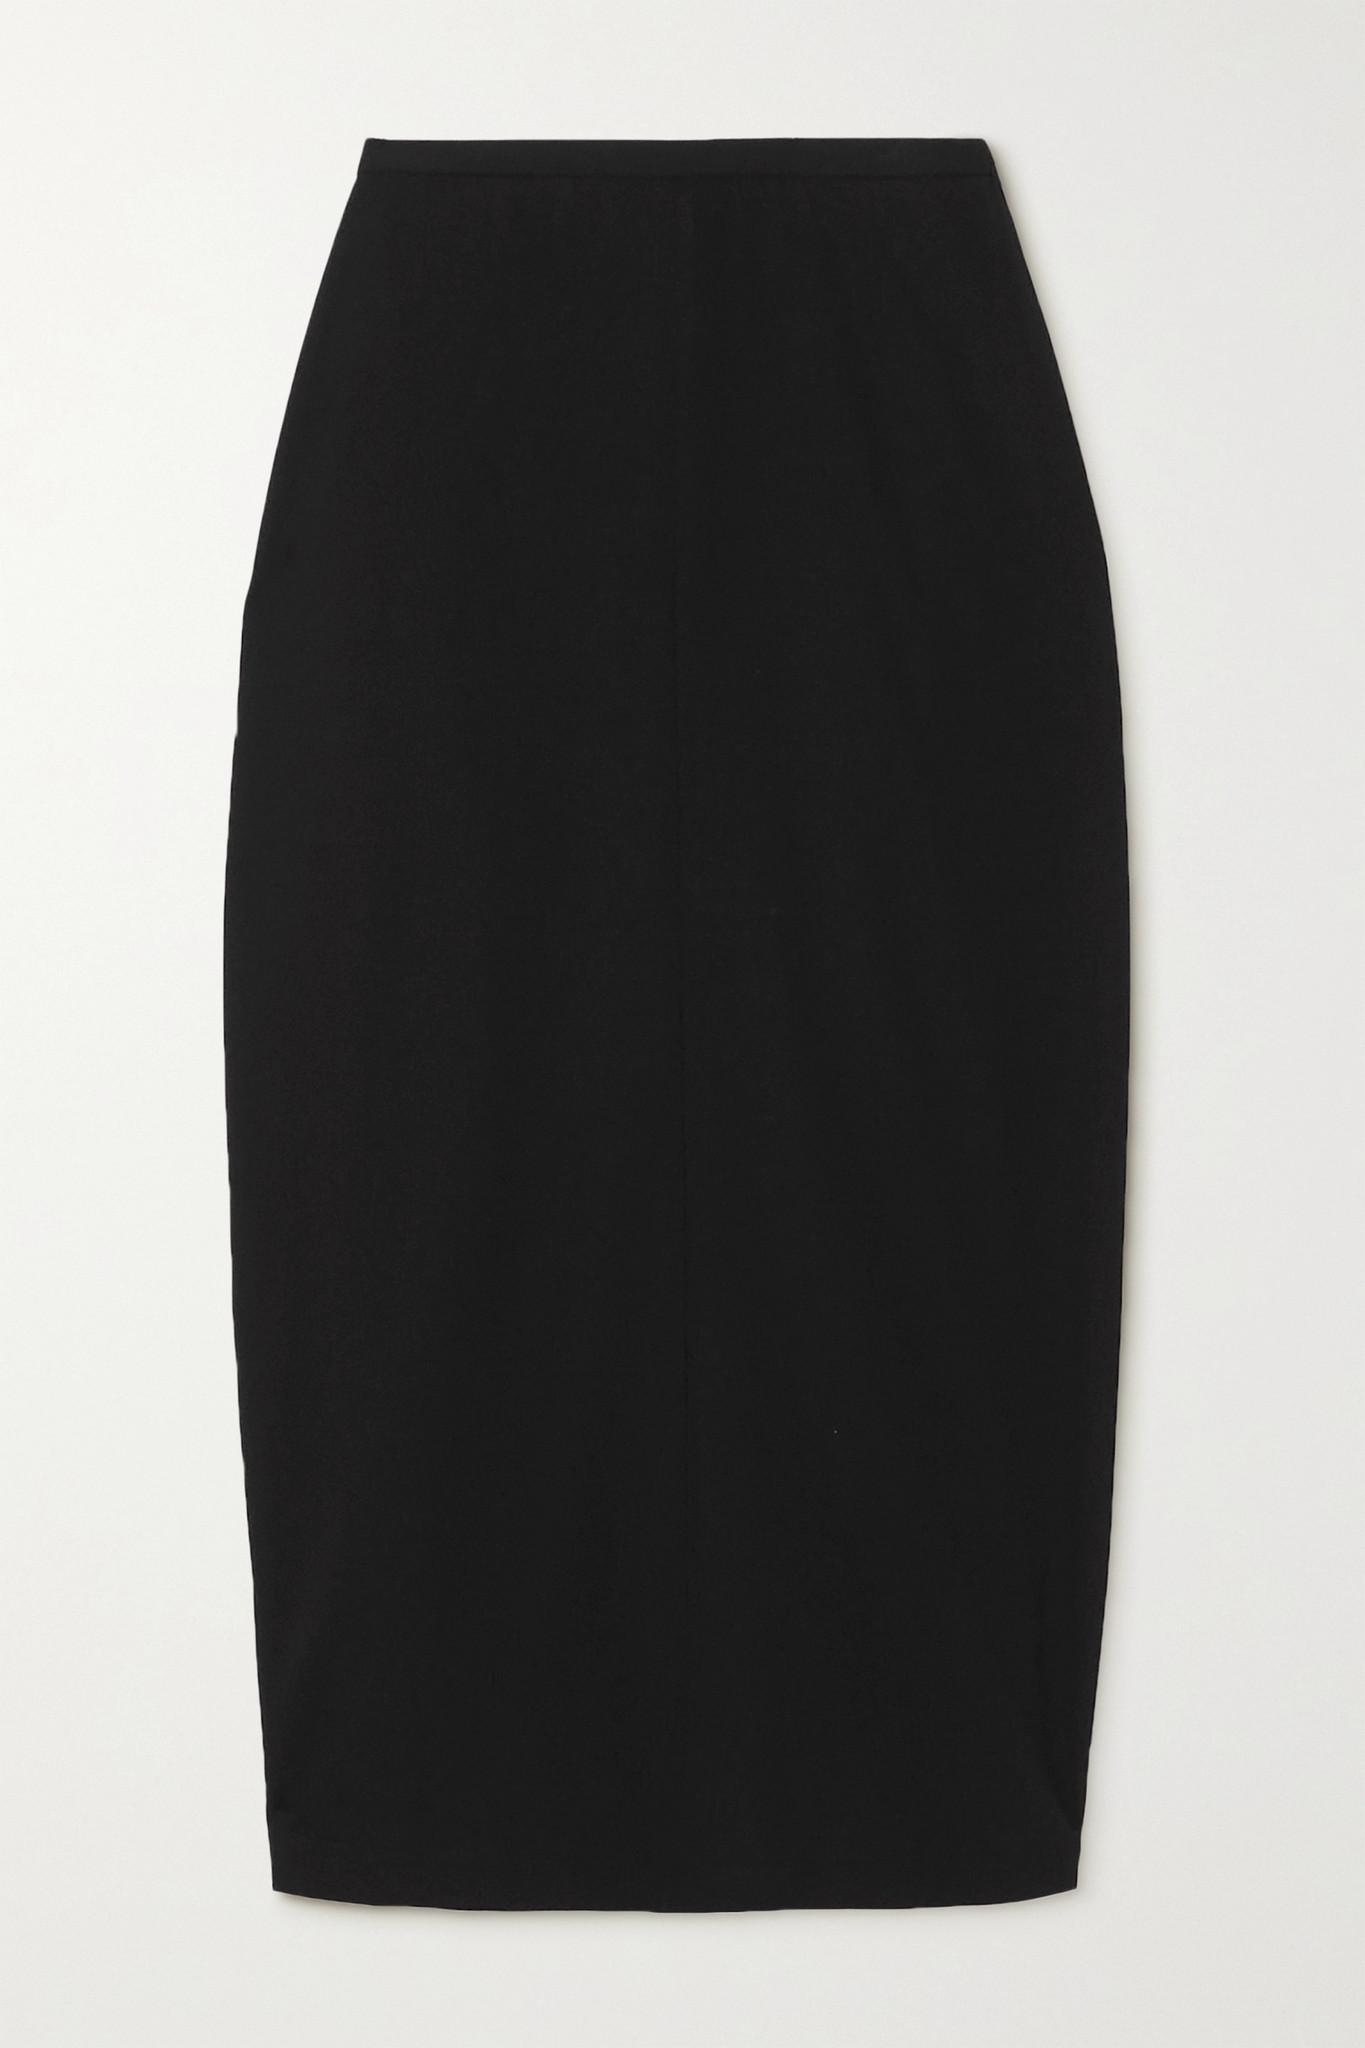 THE ROW - Matias 梭织中长半身裙 - 黑色 - US4